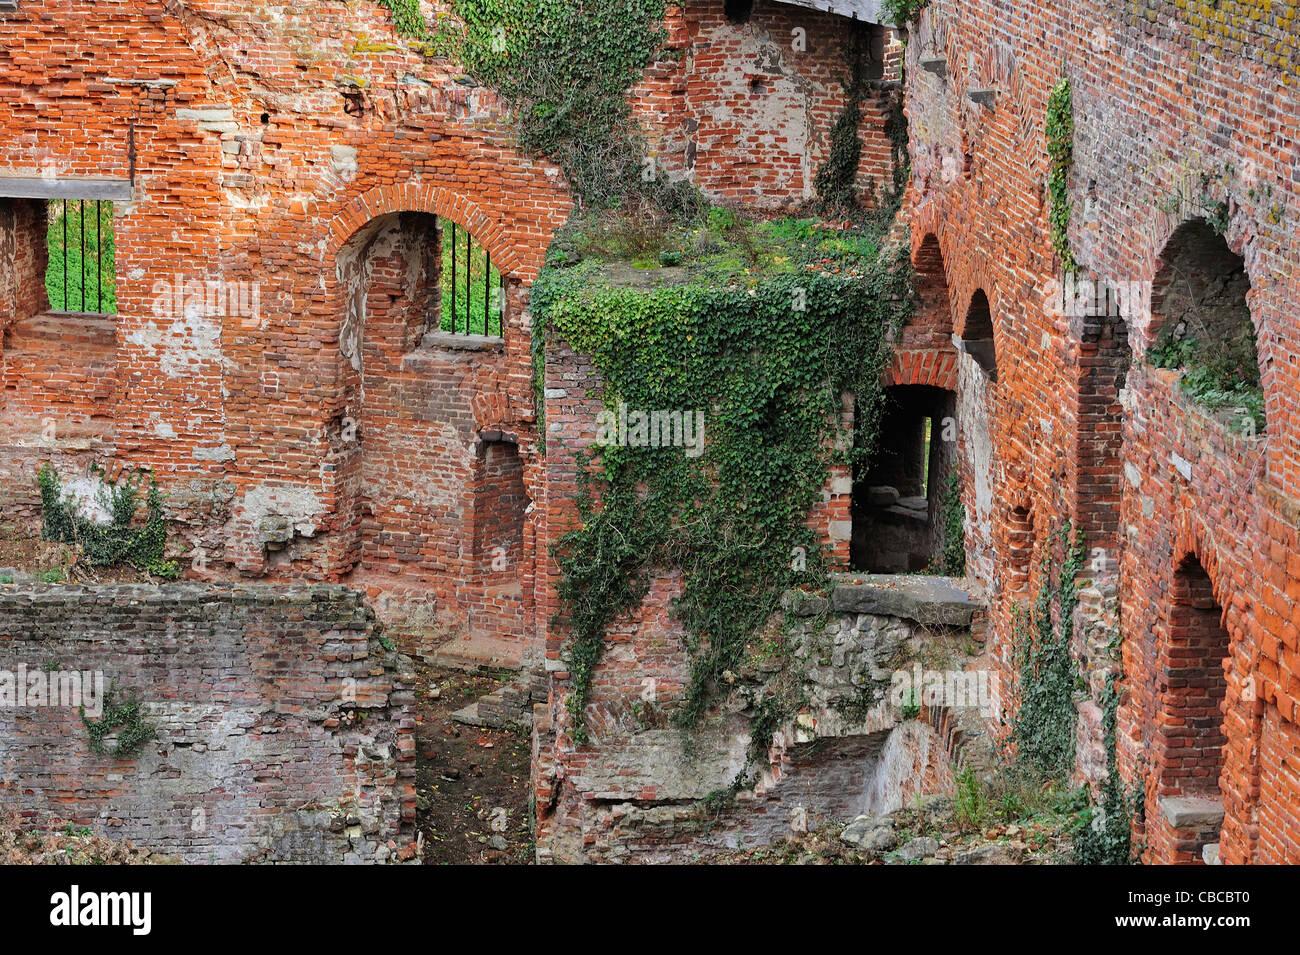 Pareti Interne In Mattoni : Pareti interne di mattoni rossi in rovine coperte di edera del